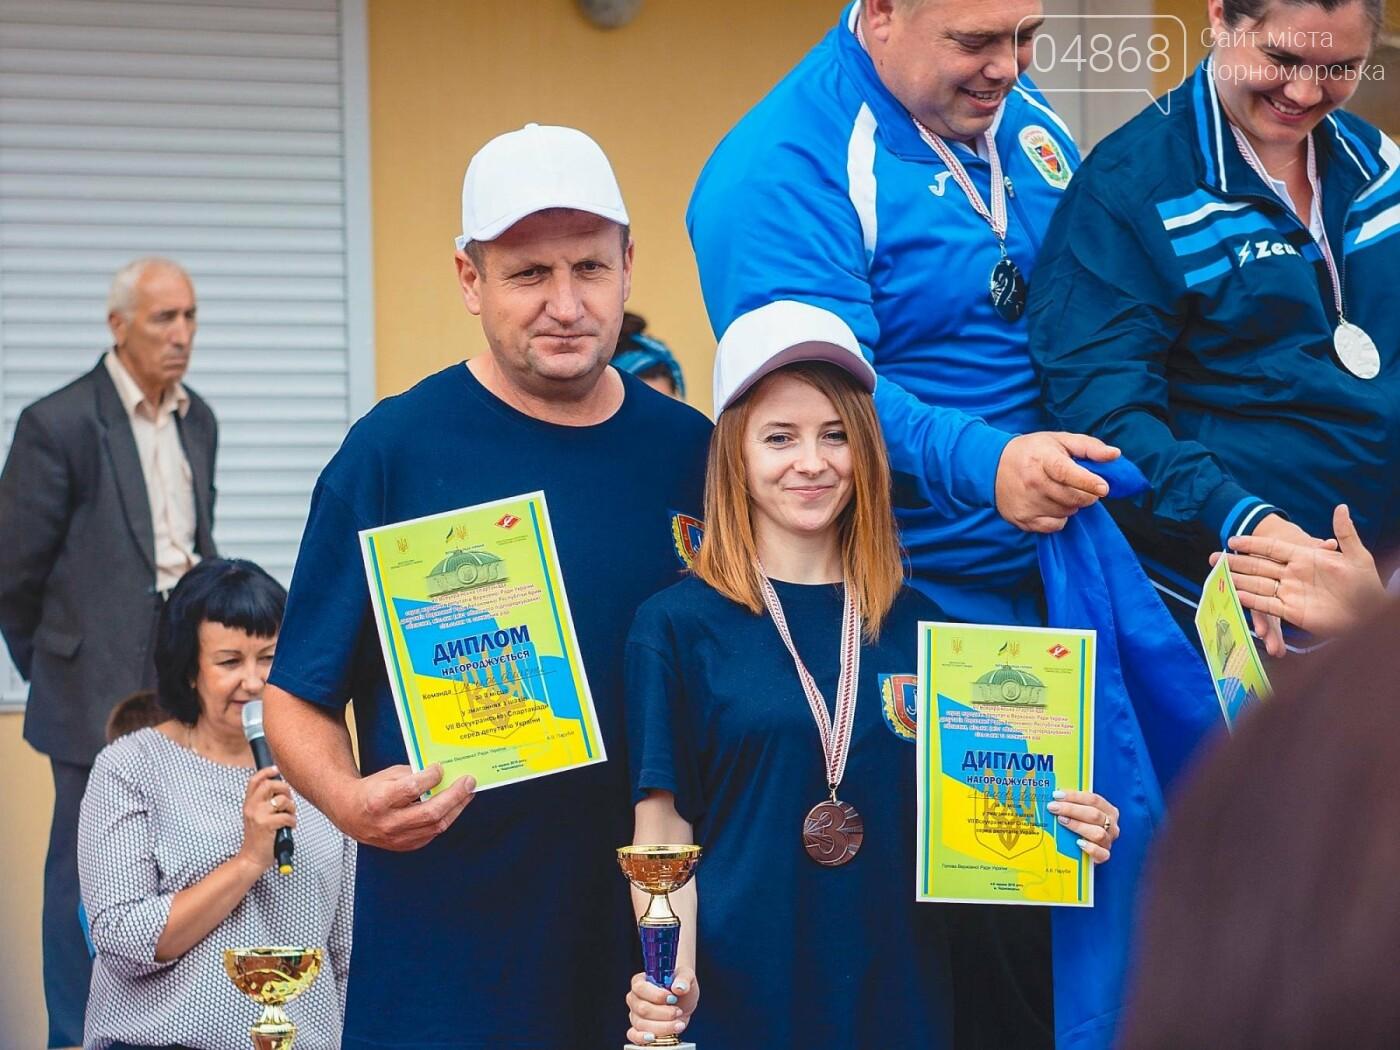 В Черноморске завершилась VII Всеукраинская спартакиада среди депутатов, фото-12